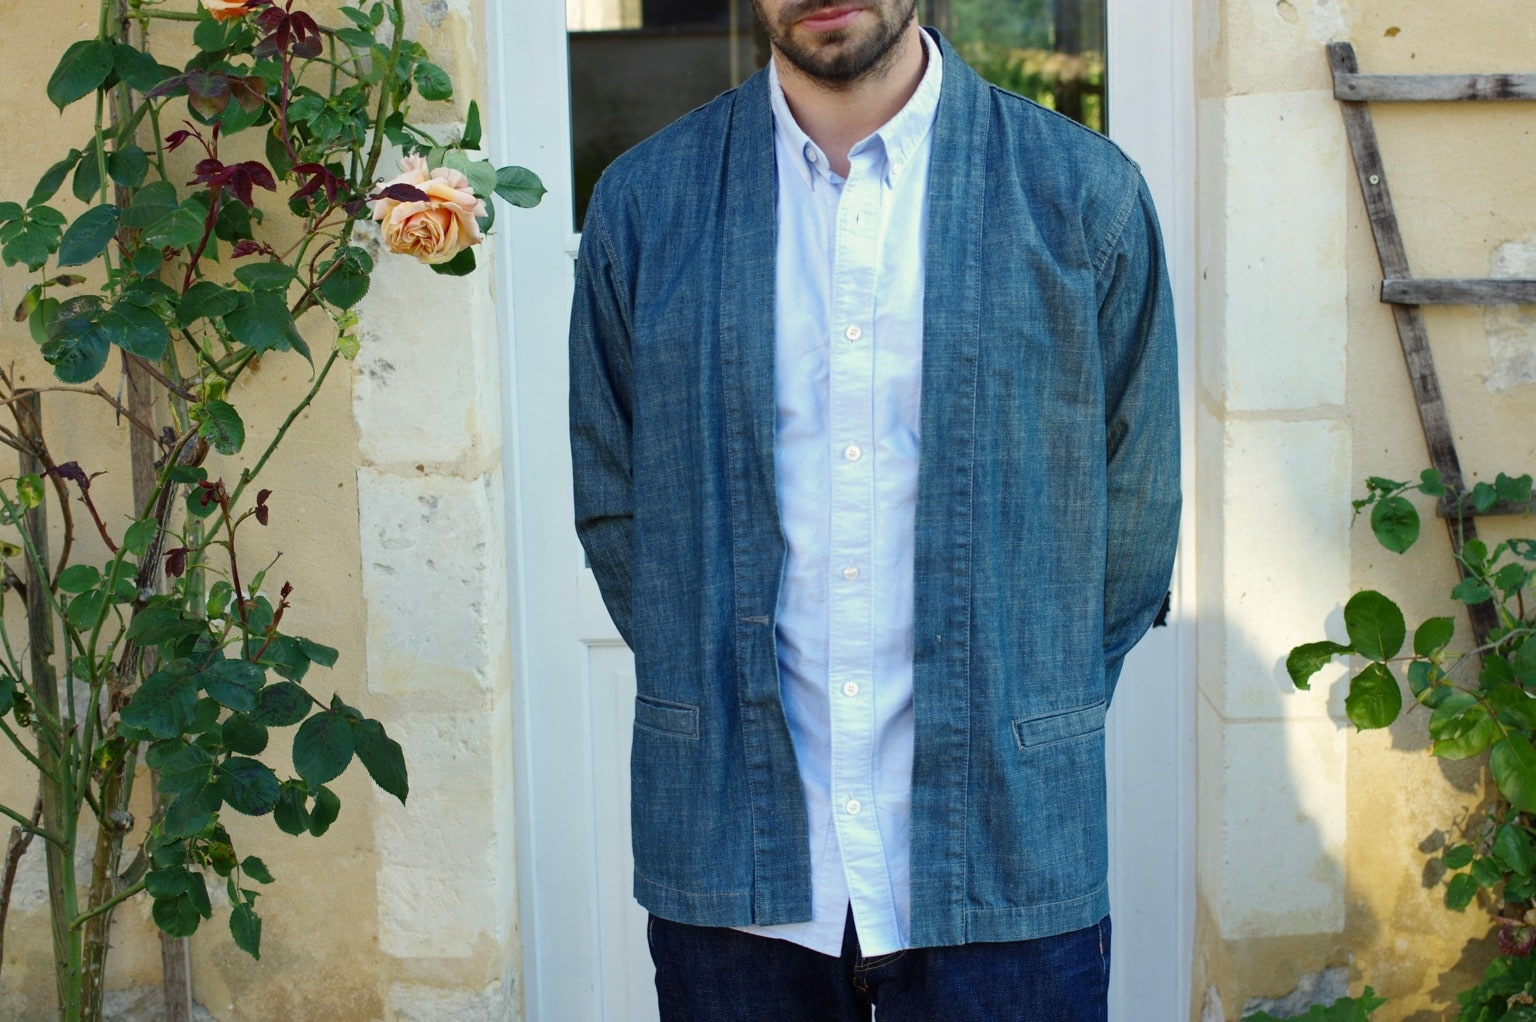 comment porter une veste noragi dans un look homme casual chic